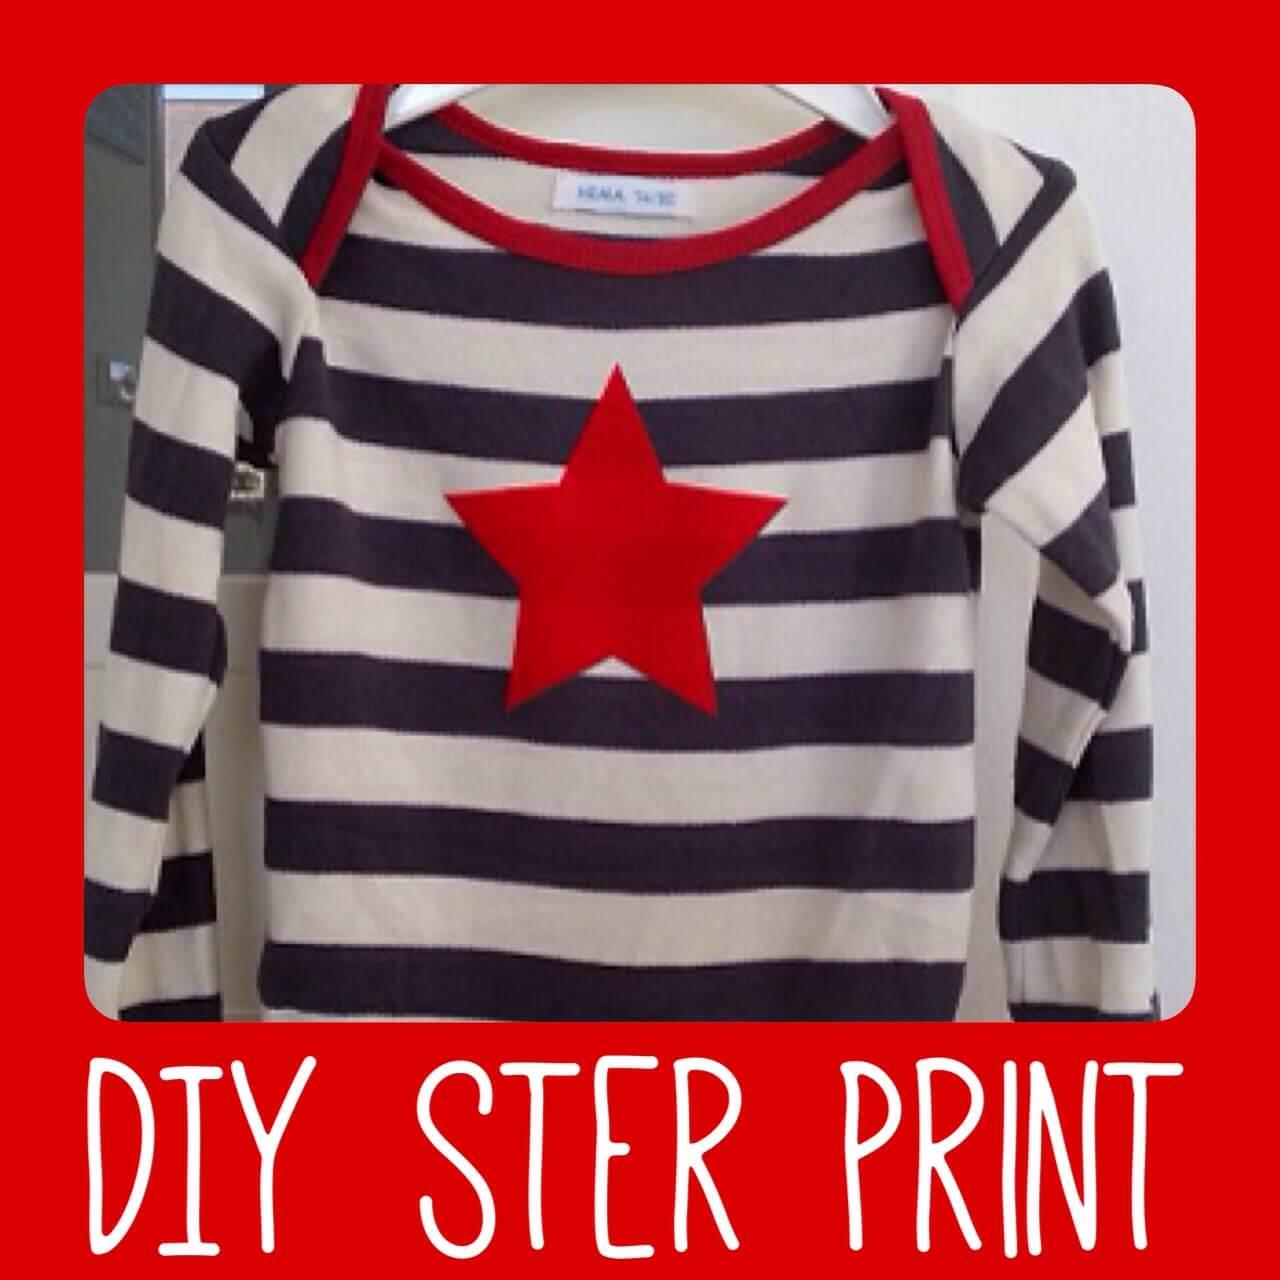 Zelf maken voor kids: een shirt of romper met een (kerst) ster